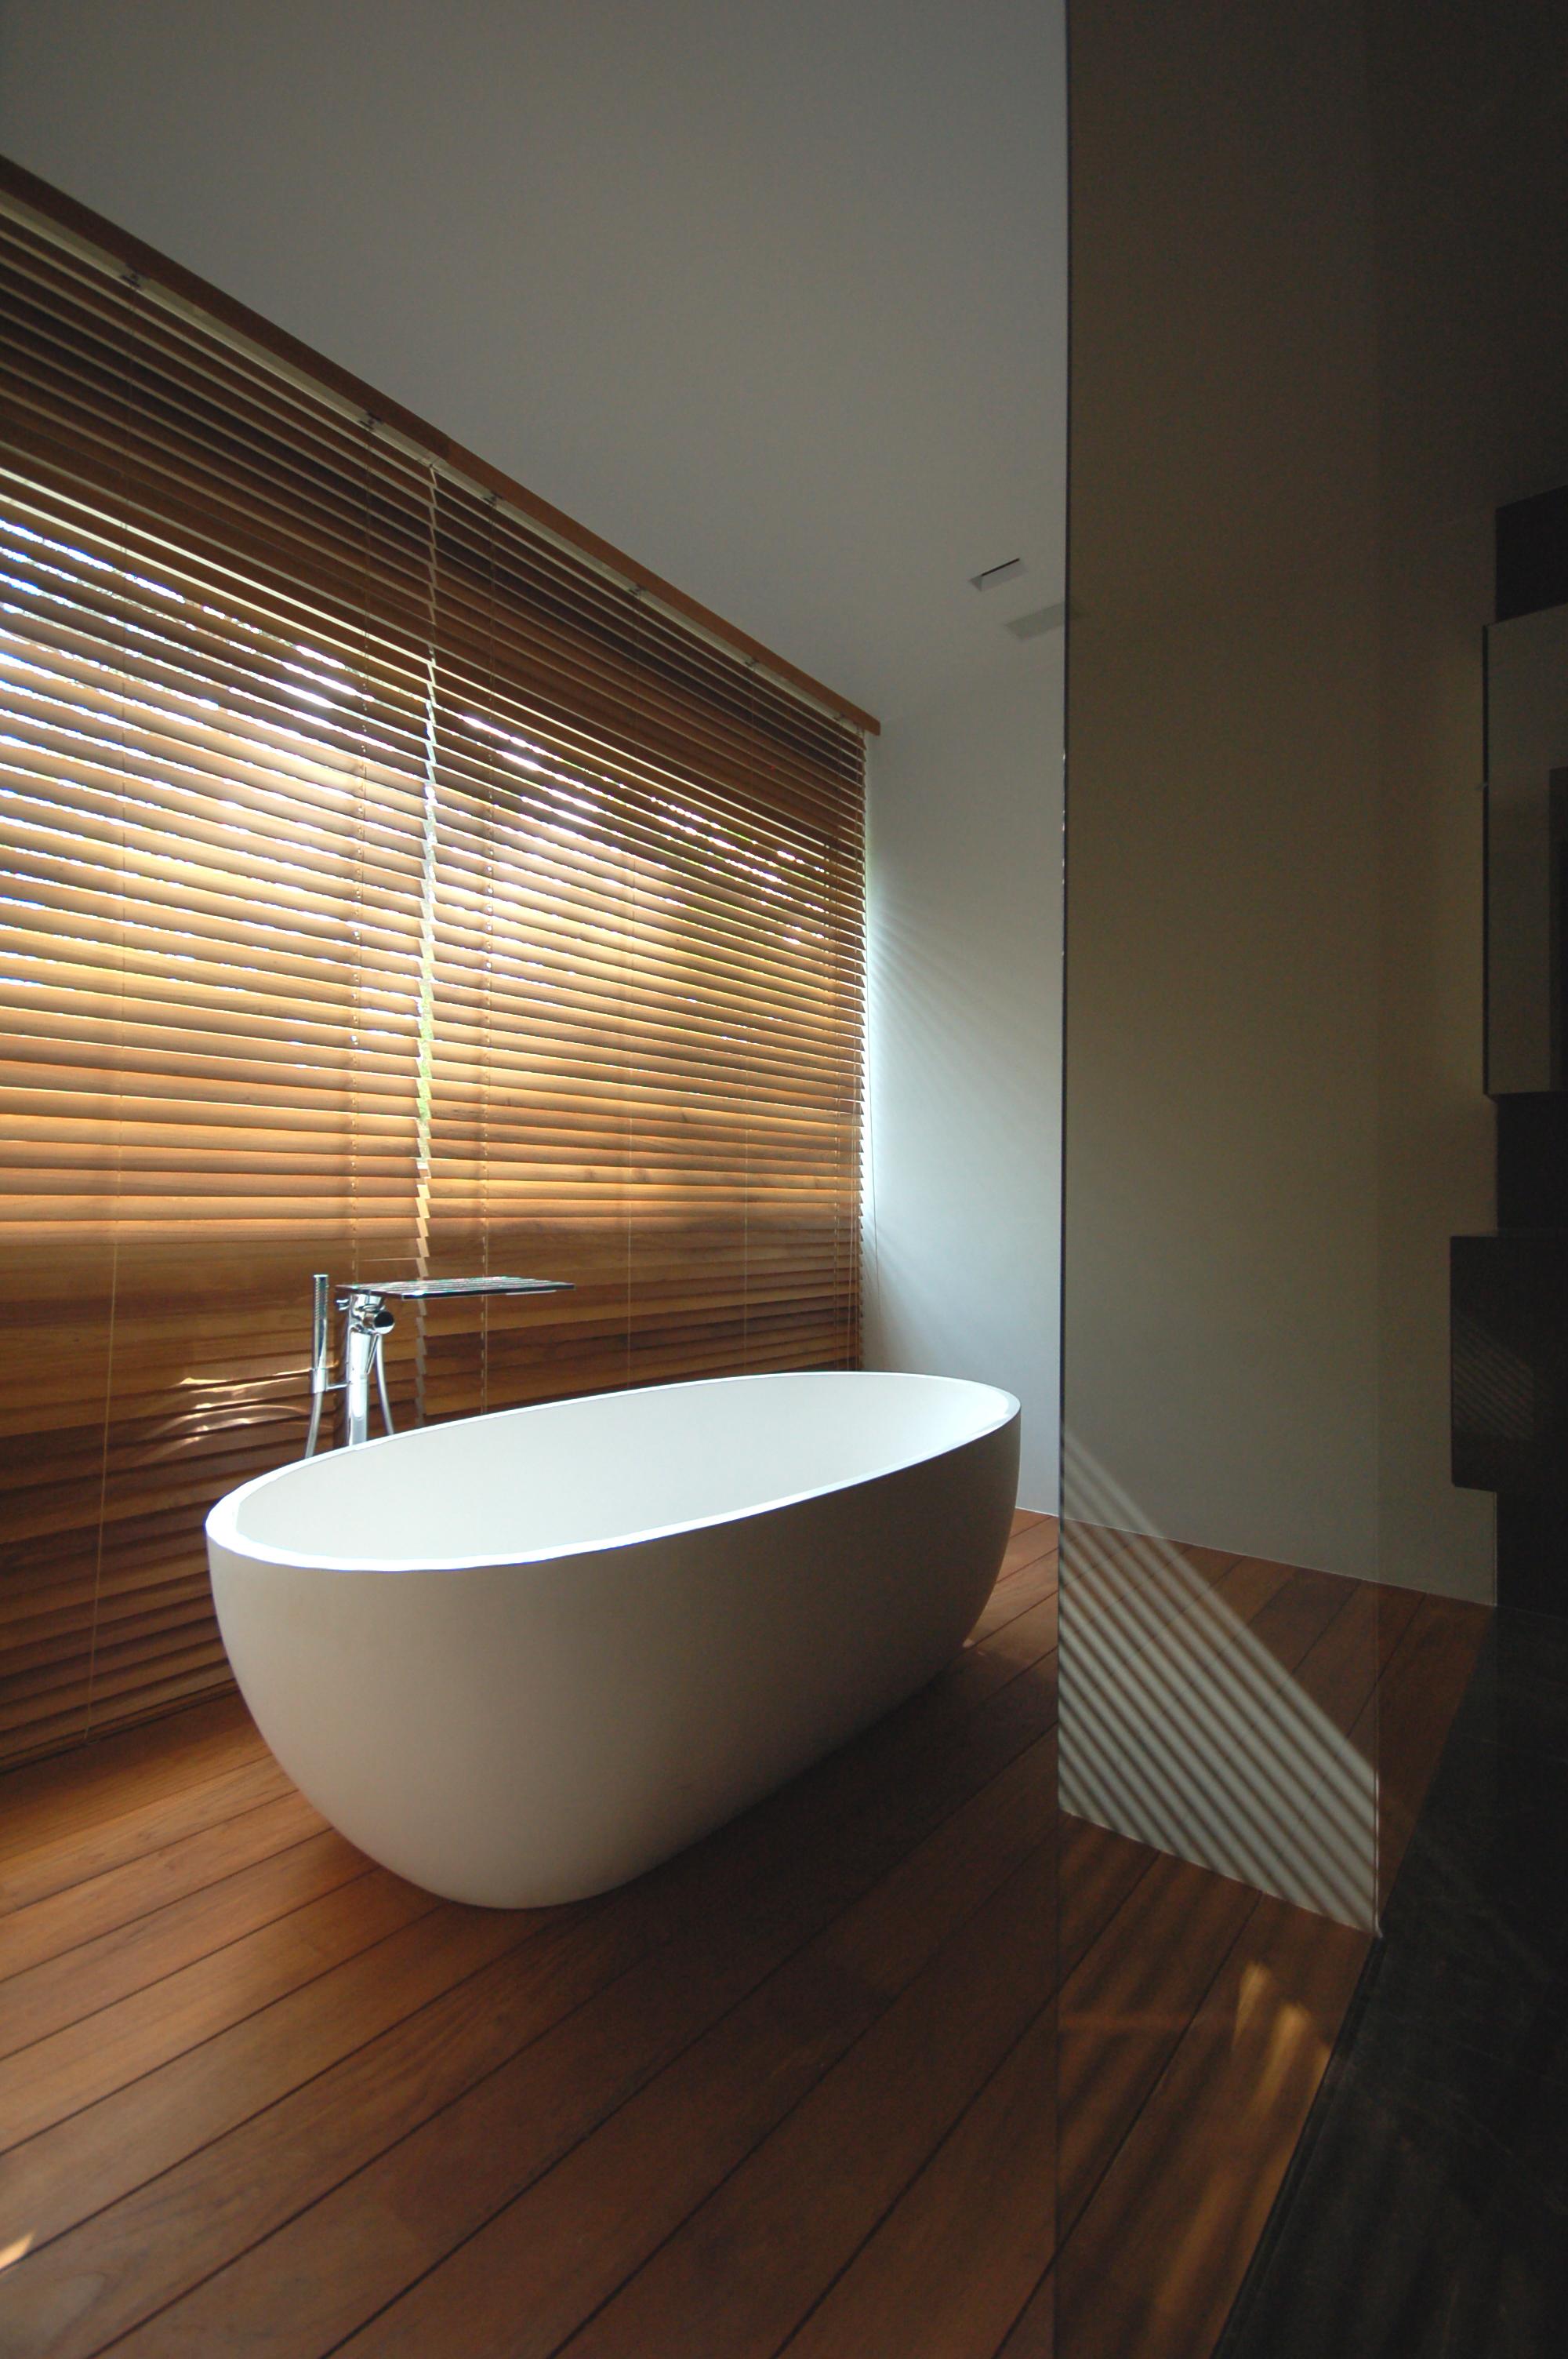 demeestervliegen-architecture-interior-interiorarchitecture-office14.JPG